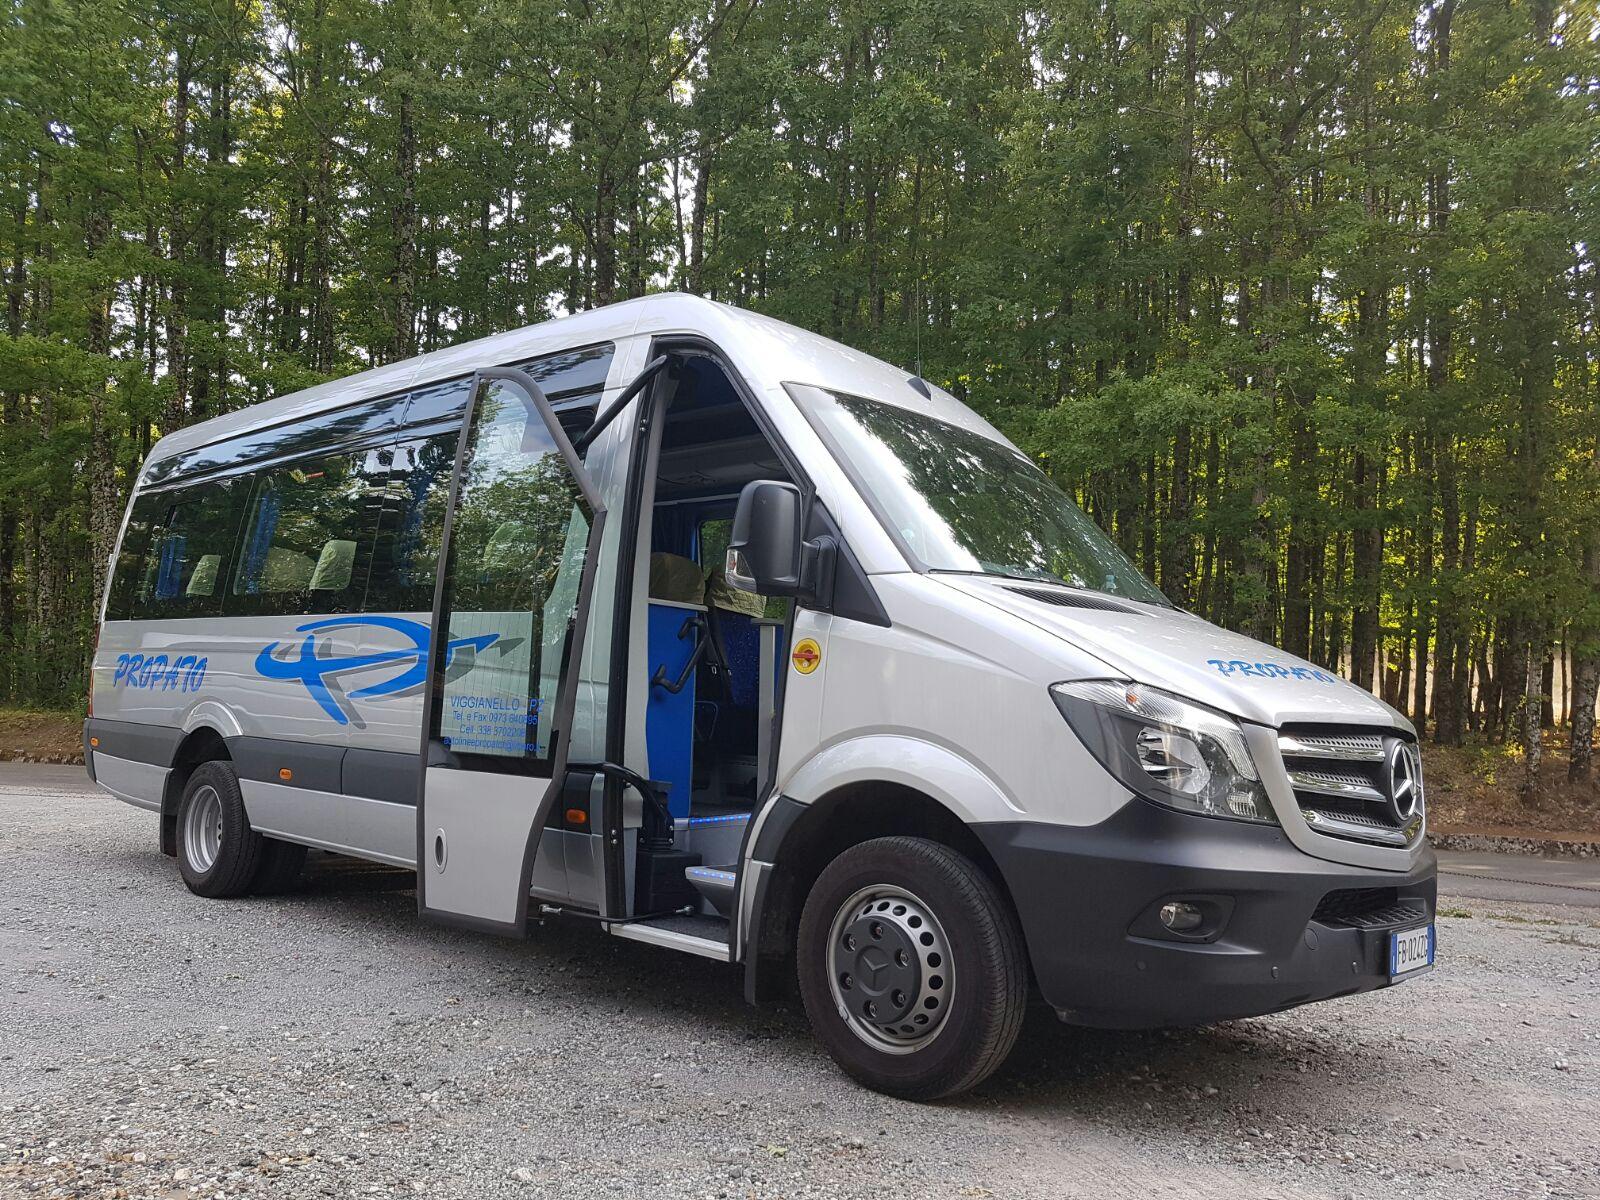 minibus con porta anteriore aperta